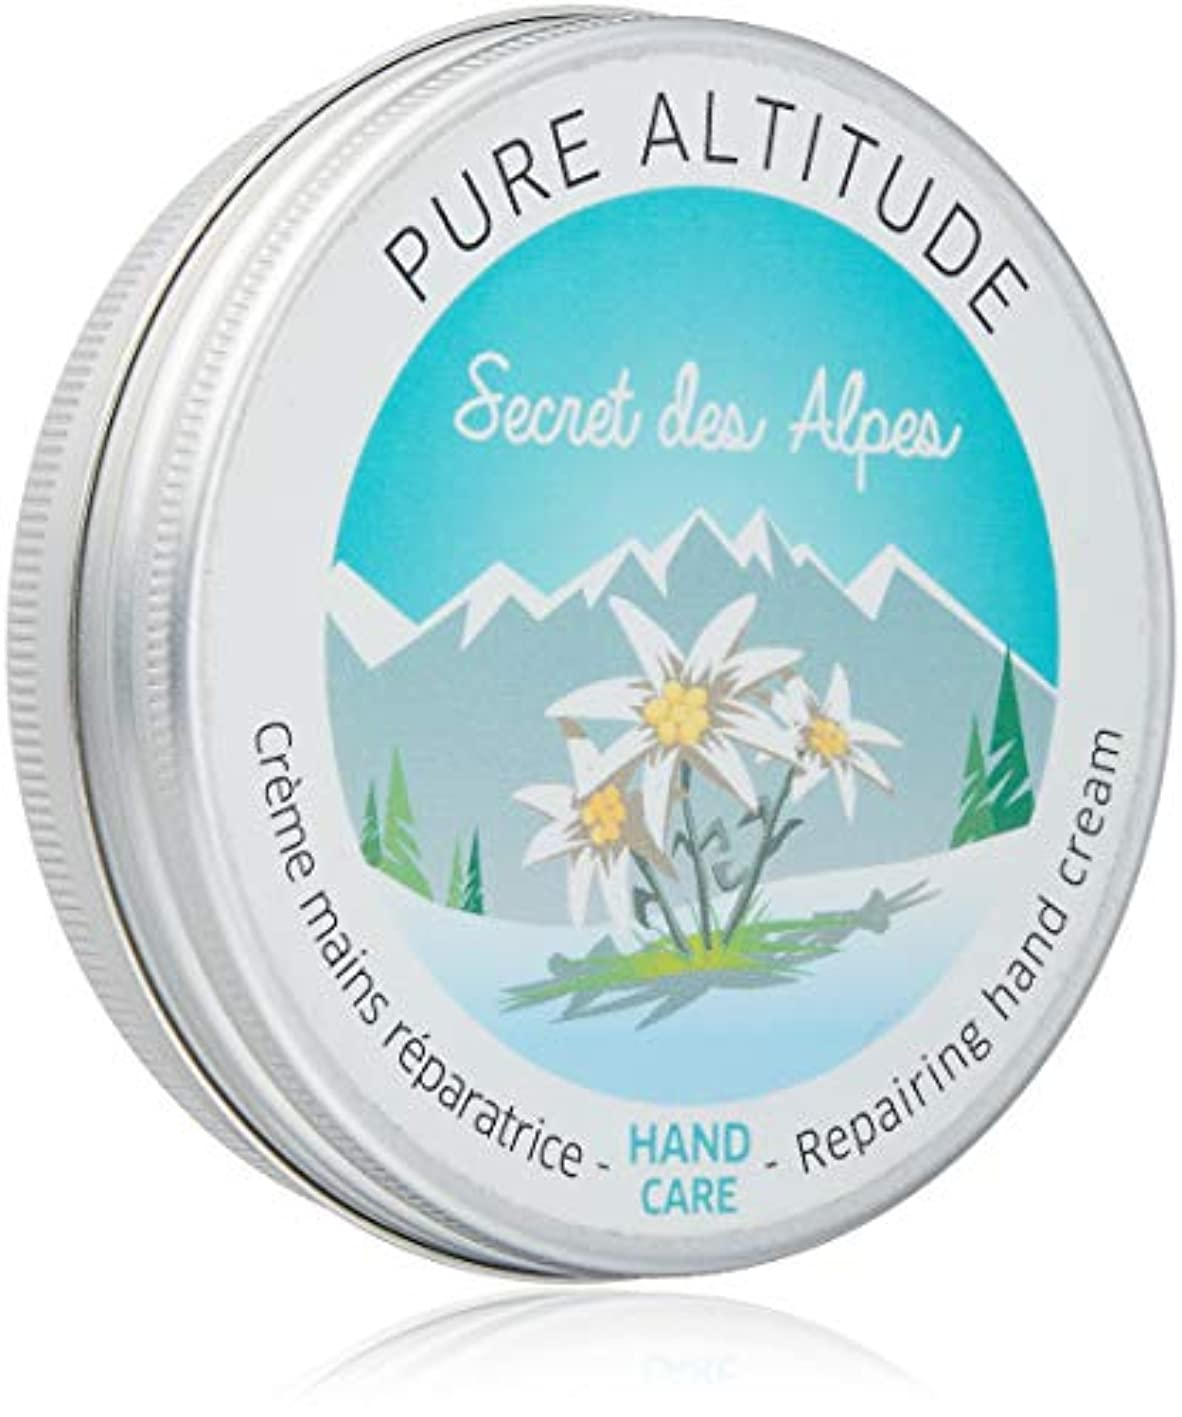 シンボルマスタード抹消Pure(ピュール) スクレ アルプ/ハンドクリーム